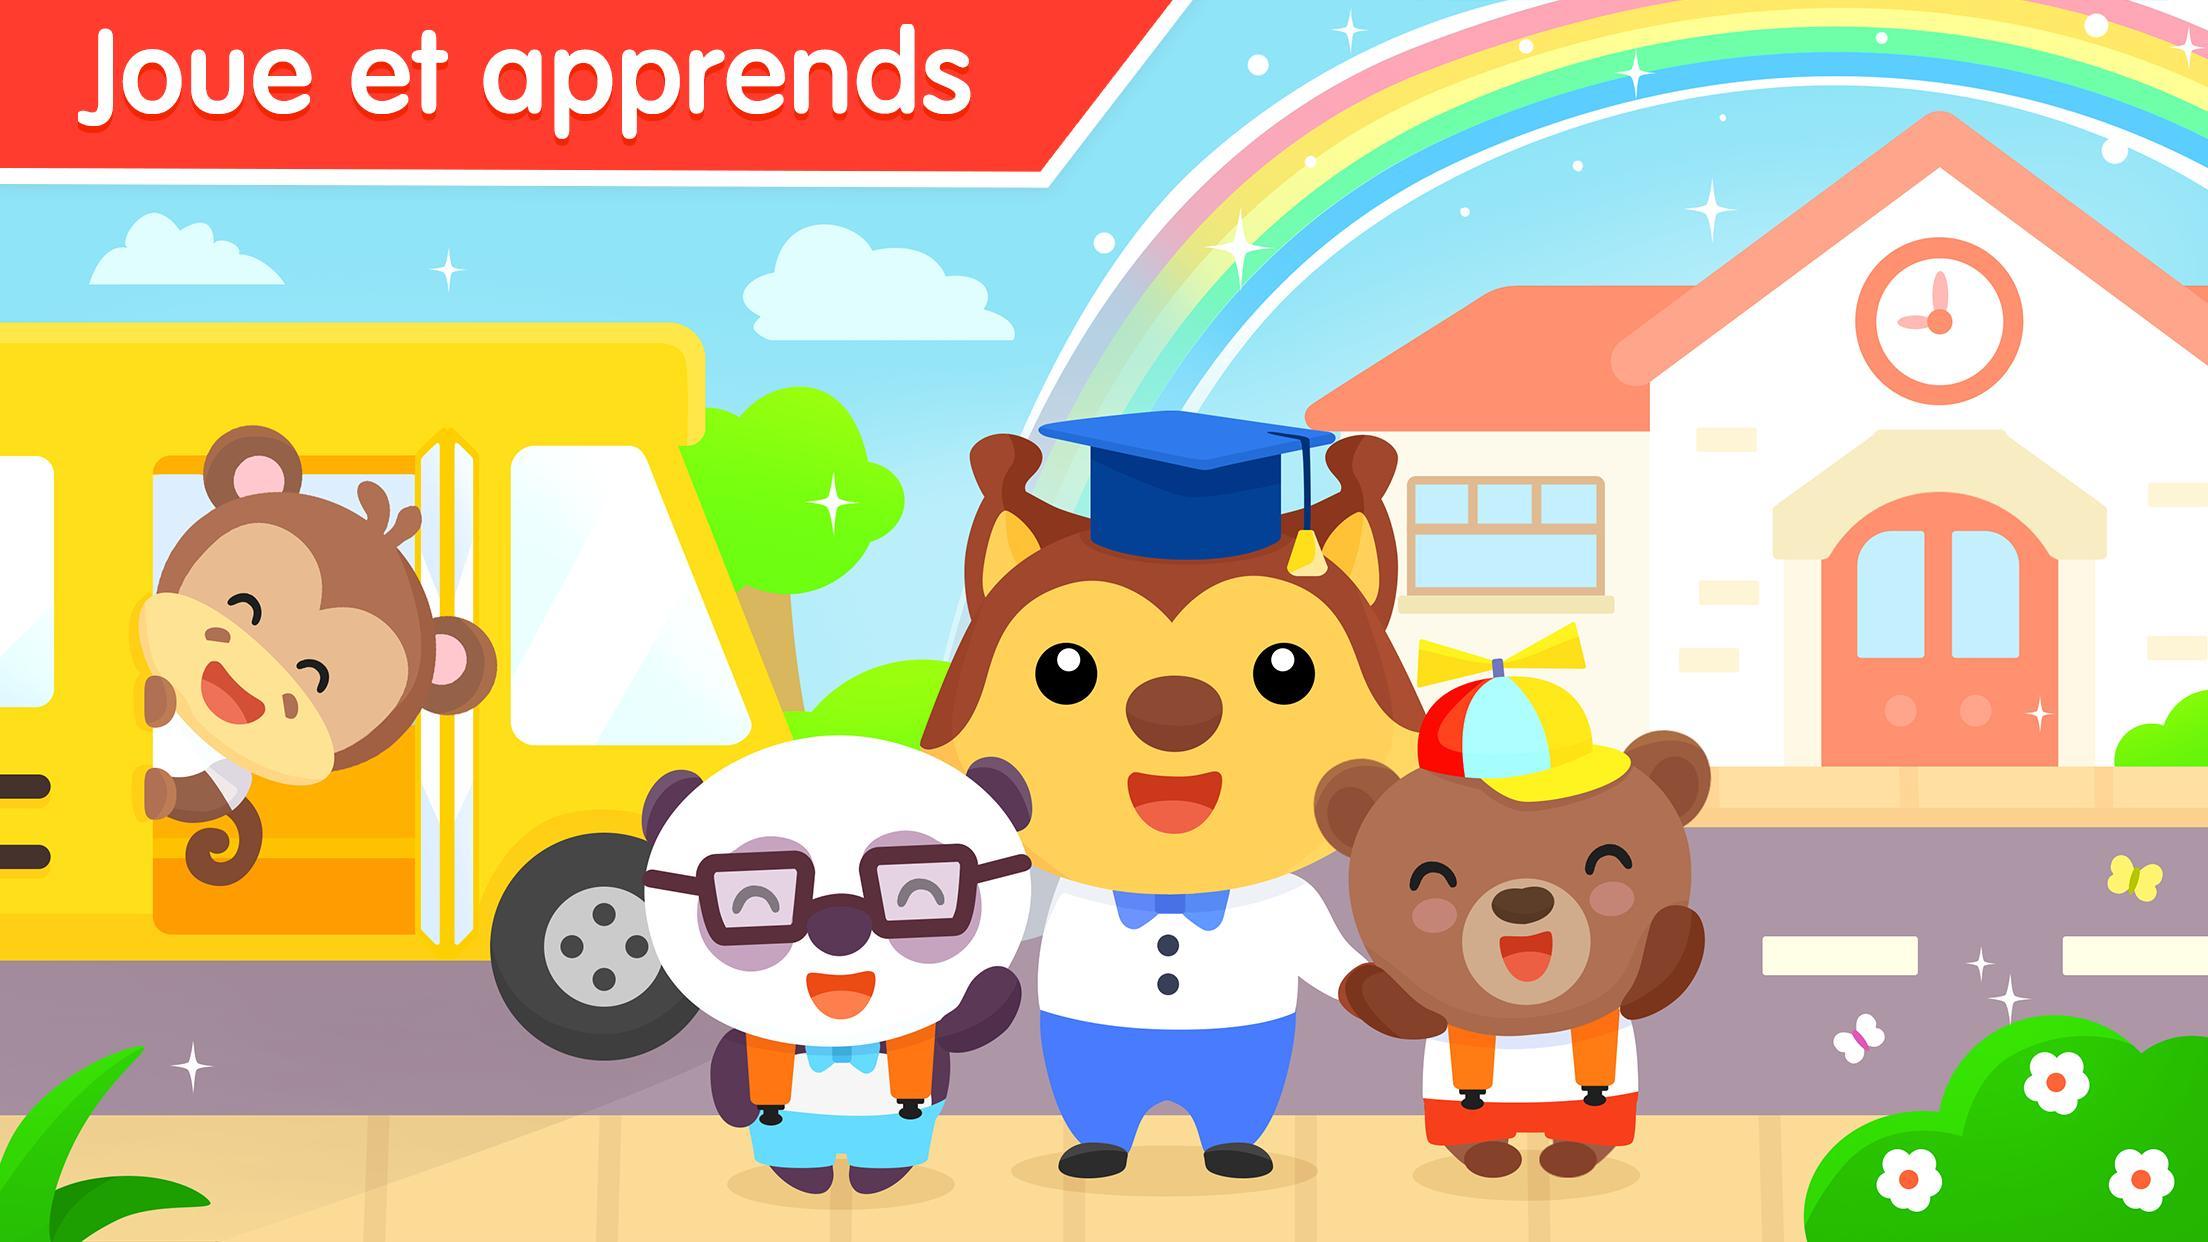 Jeux De Puzzle Pour Bebe 3 Ans - Jeu Éducatif Pour Android dedans Jeux Educatif 4 Ans